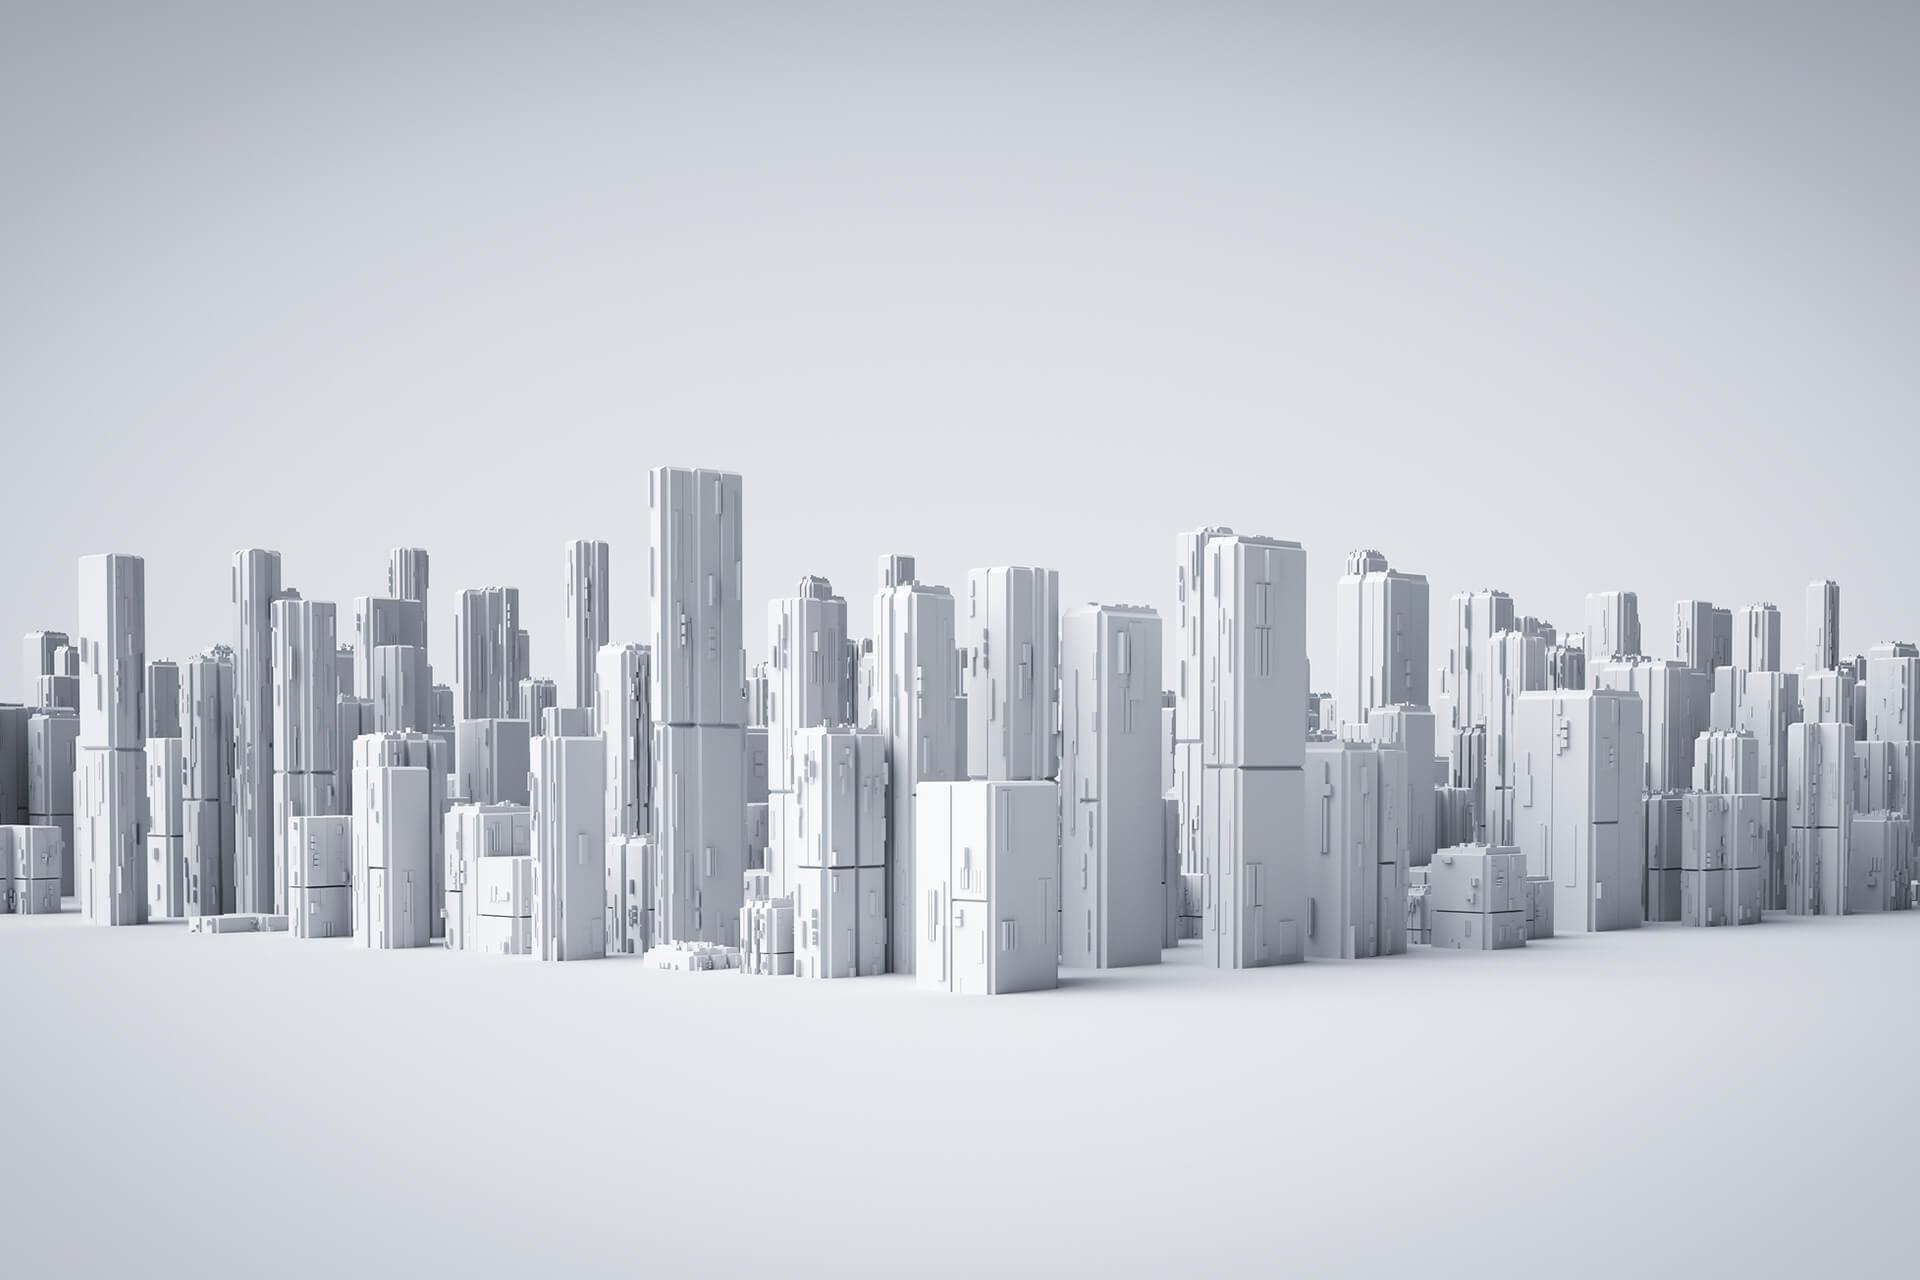 Modelos de negócio para cidades: 3 exemplos inspiradores